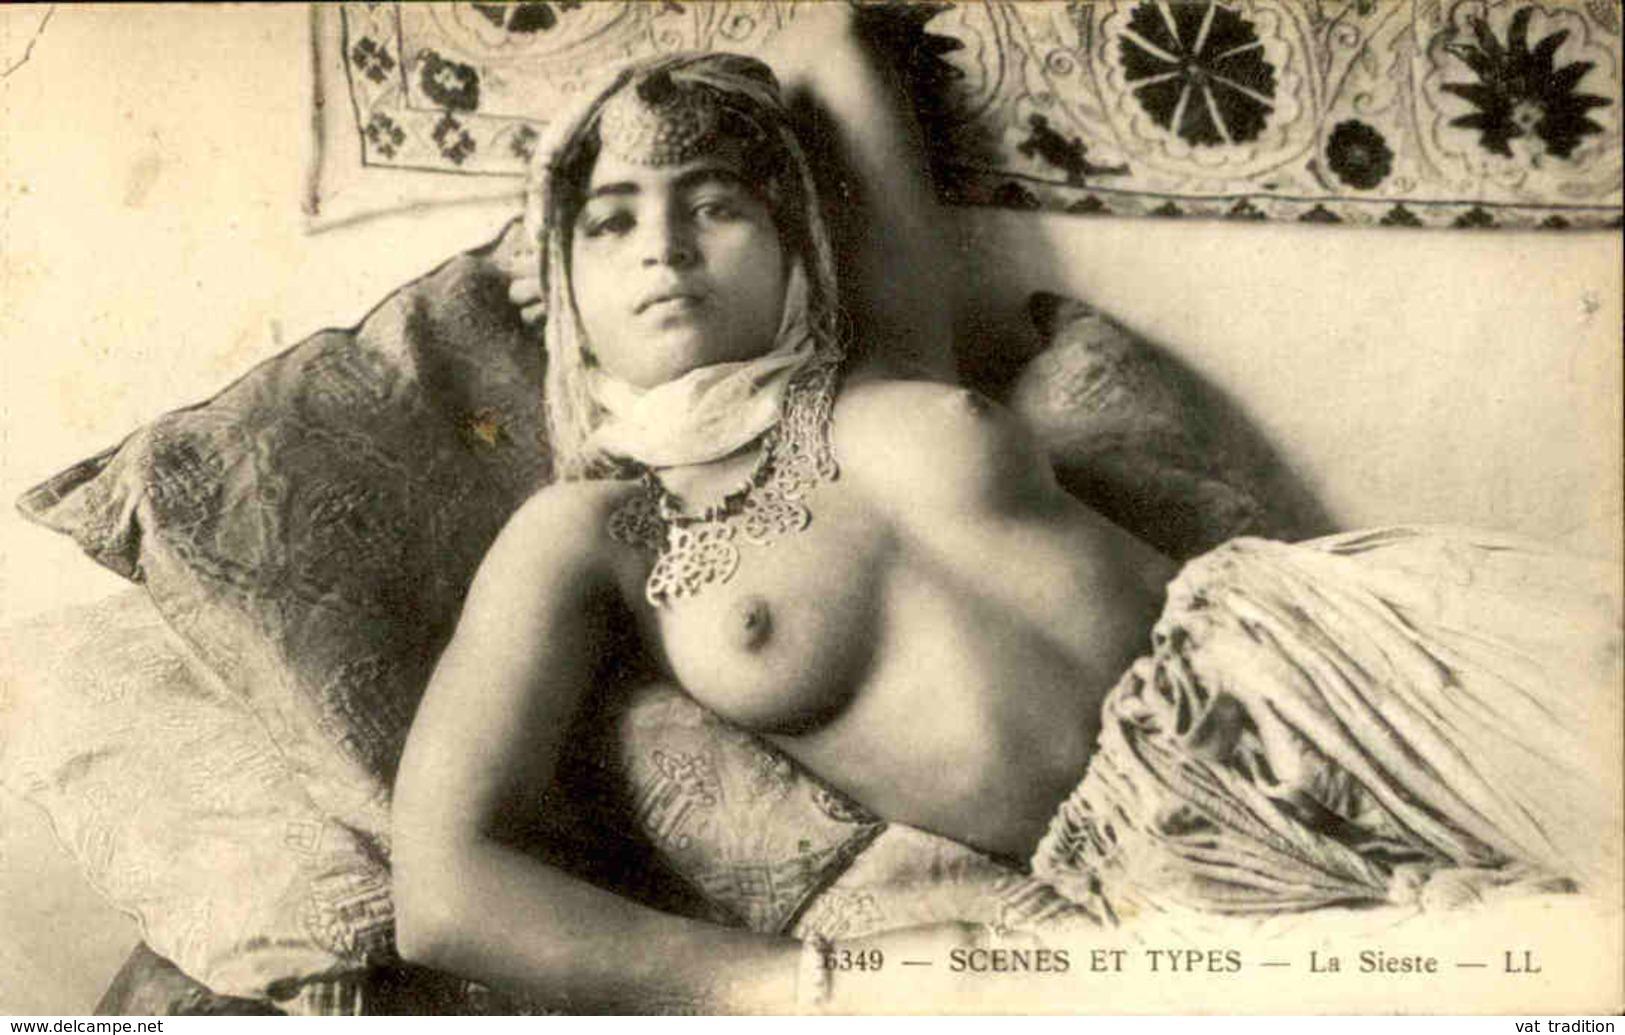 EROTISME - Carte Postale - Scènes Et Types - La Sieste - L 29832 - Beauté Féminine D'autrefois < 1920